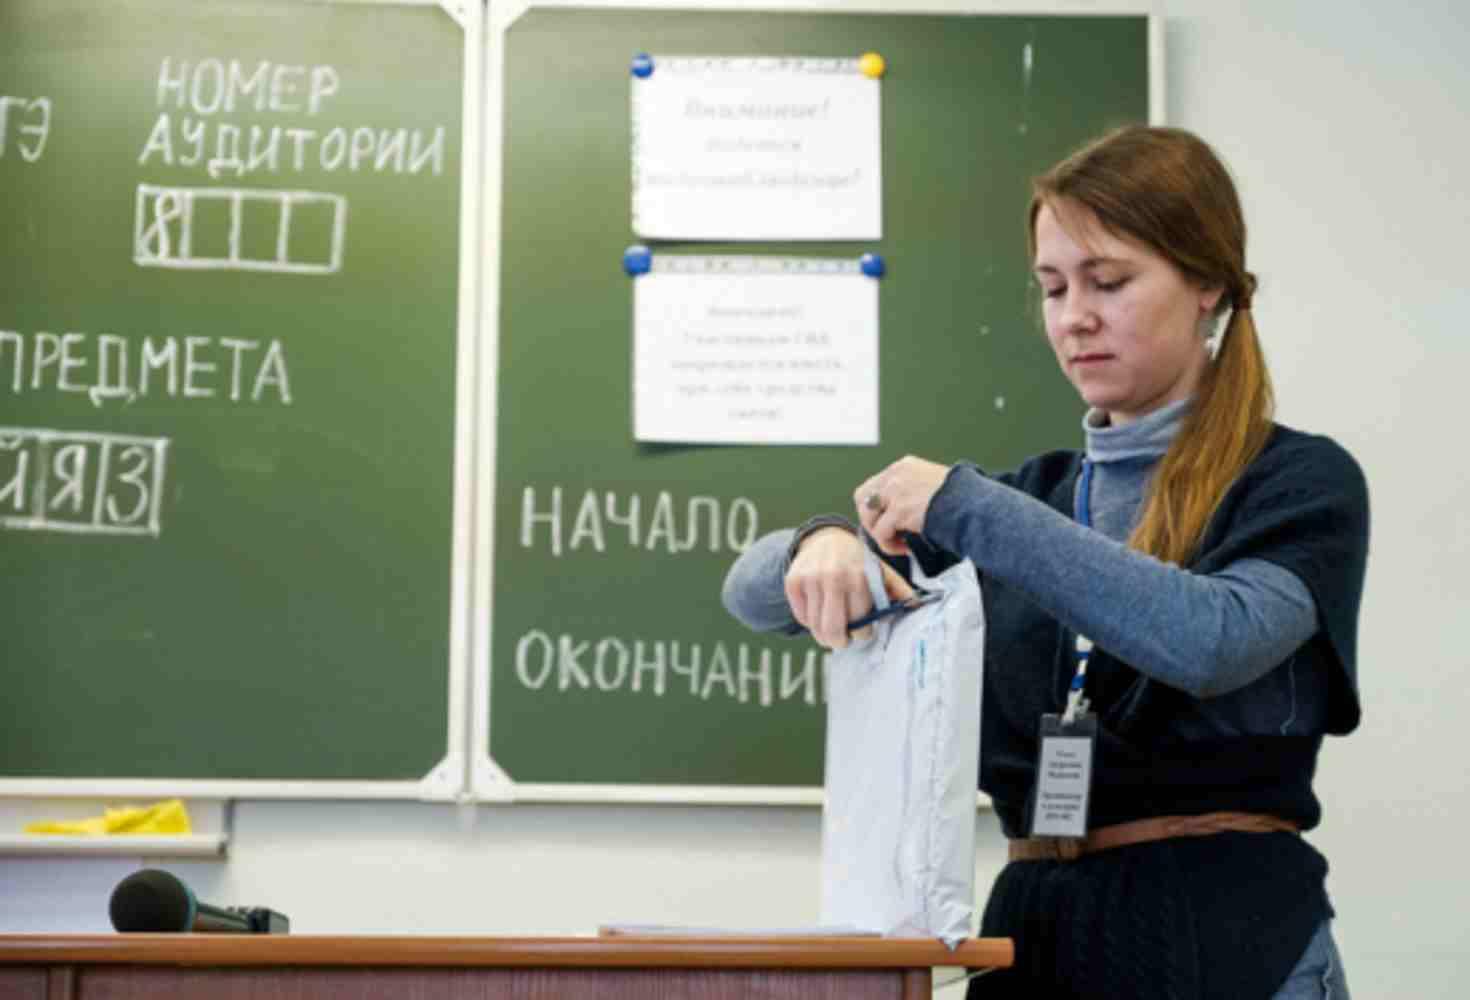 profsoyuz-obrazovaniya-rajonnye-upravleniya-pensionnogo-fonda-hotyat-isklyuchit-uchastie-uchitelej-na-ege-iz-stazha